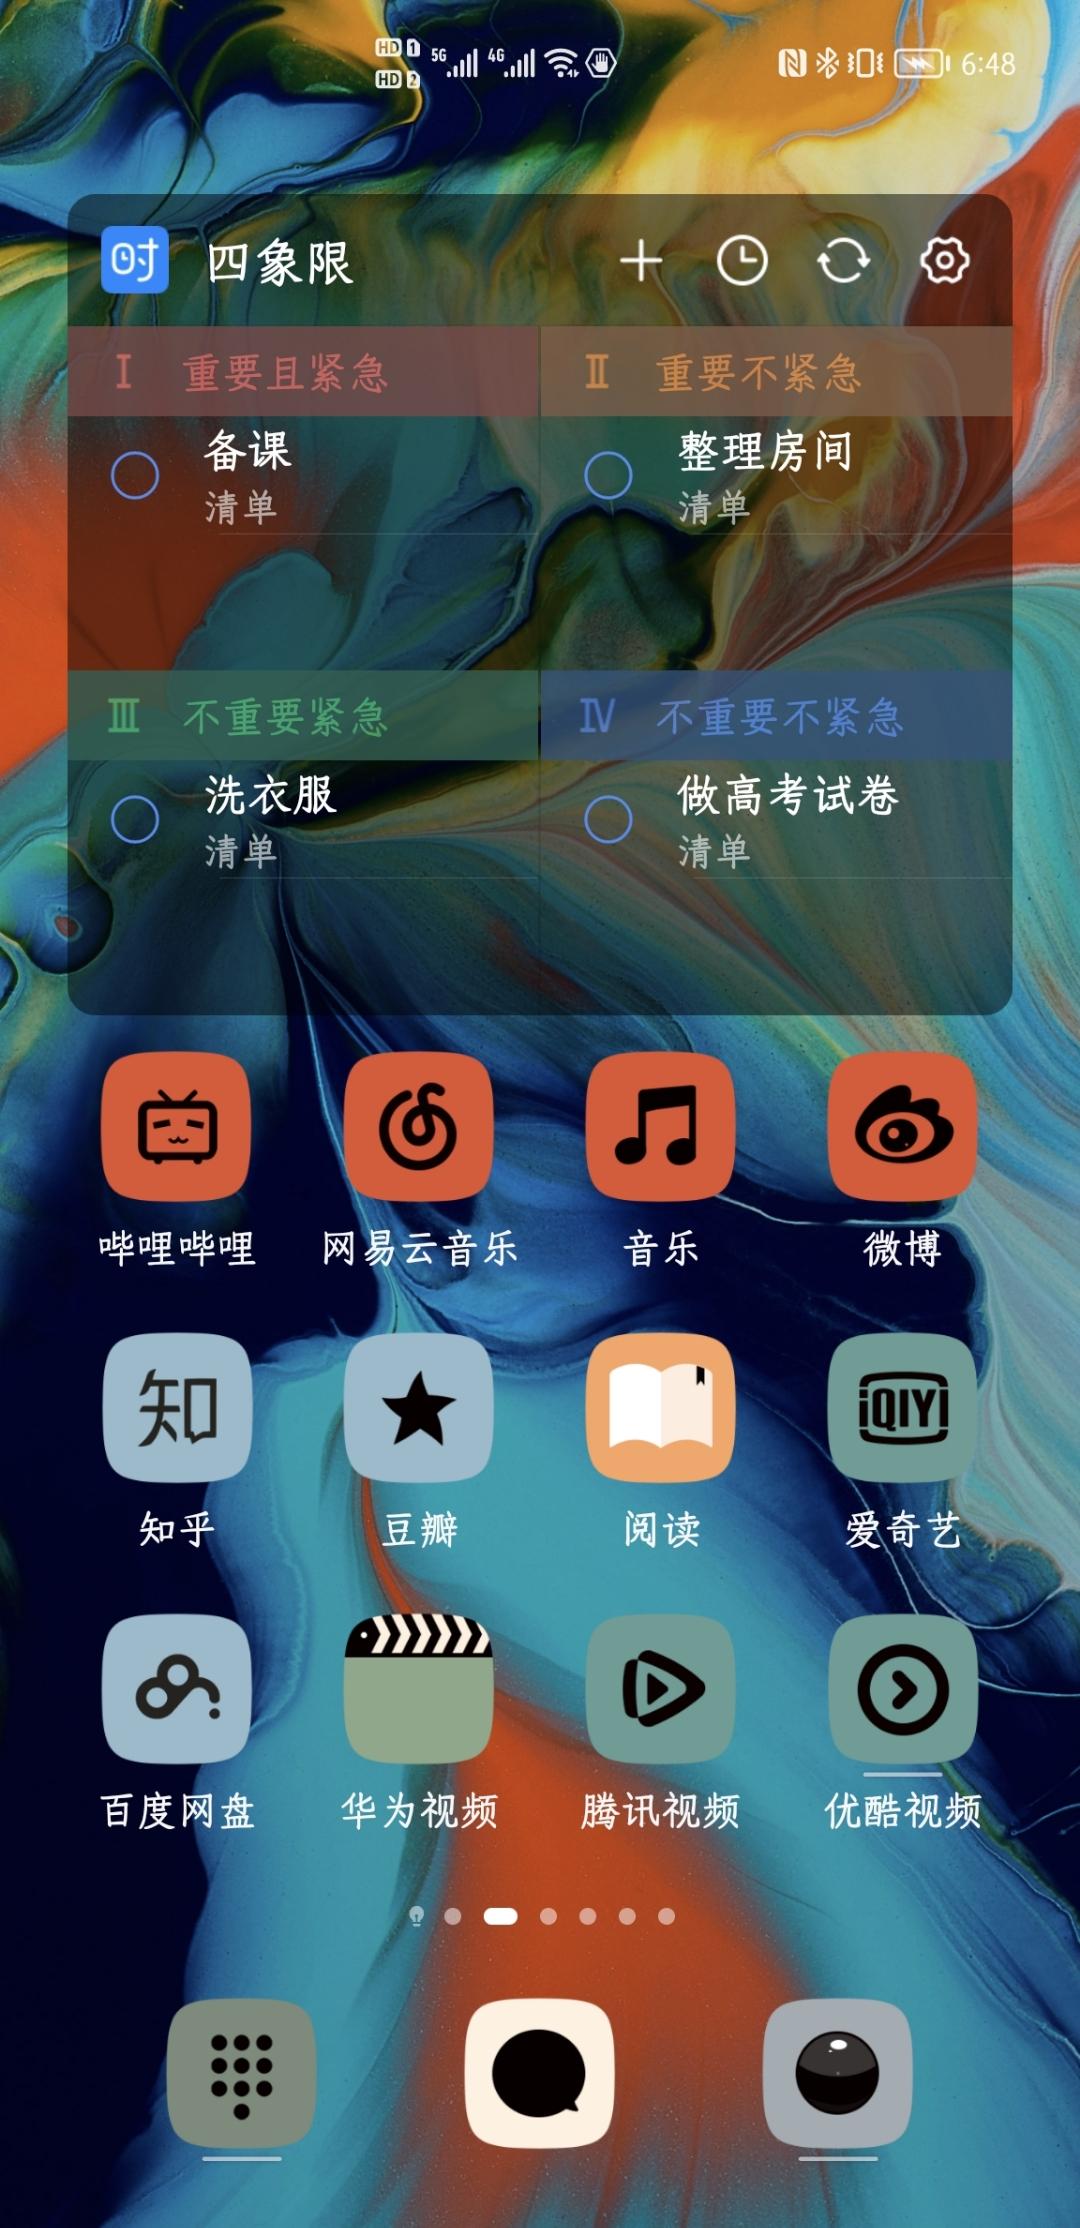 Screenshot_20210618_184817_com.huawei.android.launcher.jpg